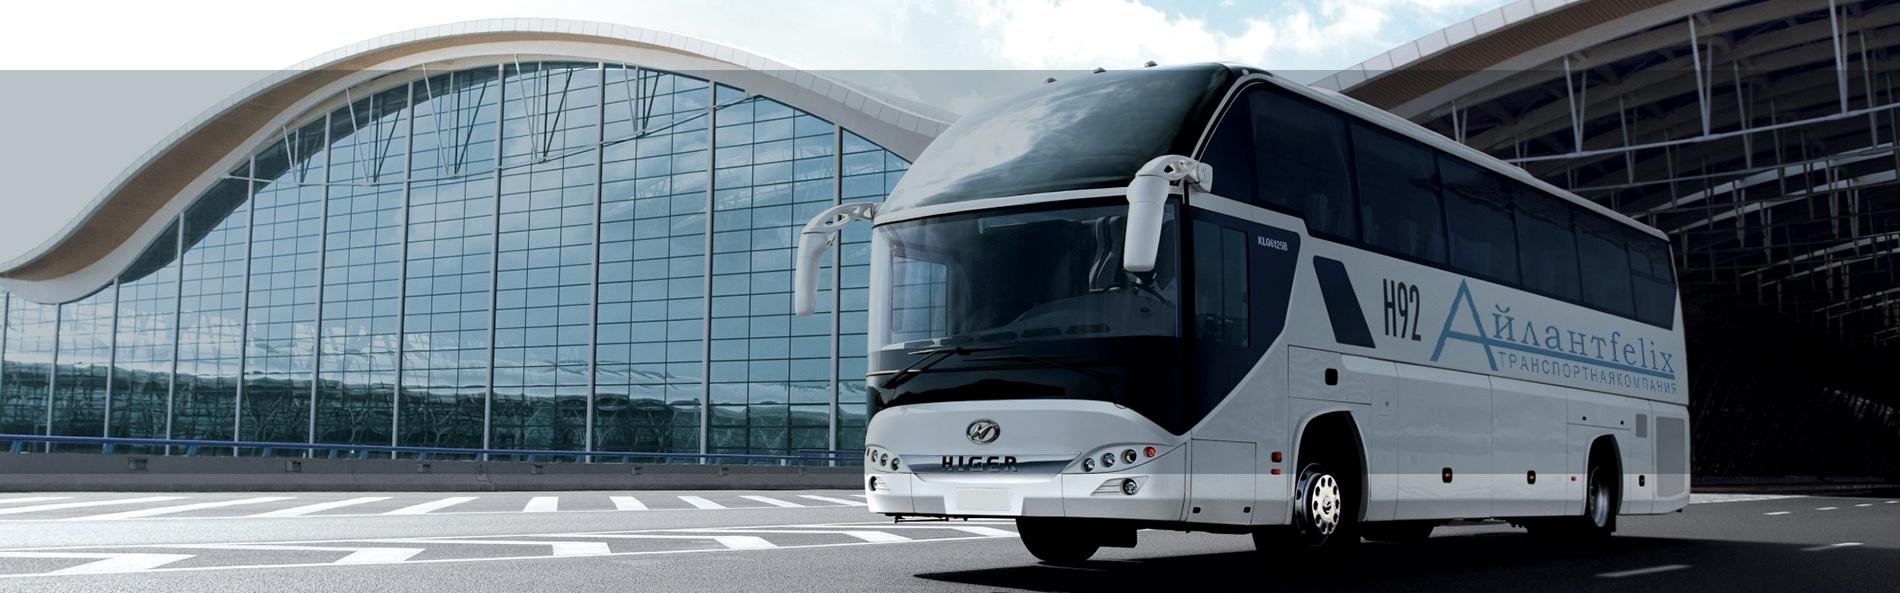 banner_aylant_felix_arenda_avtobus